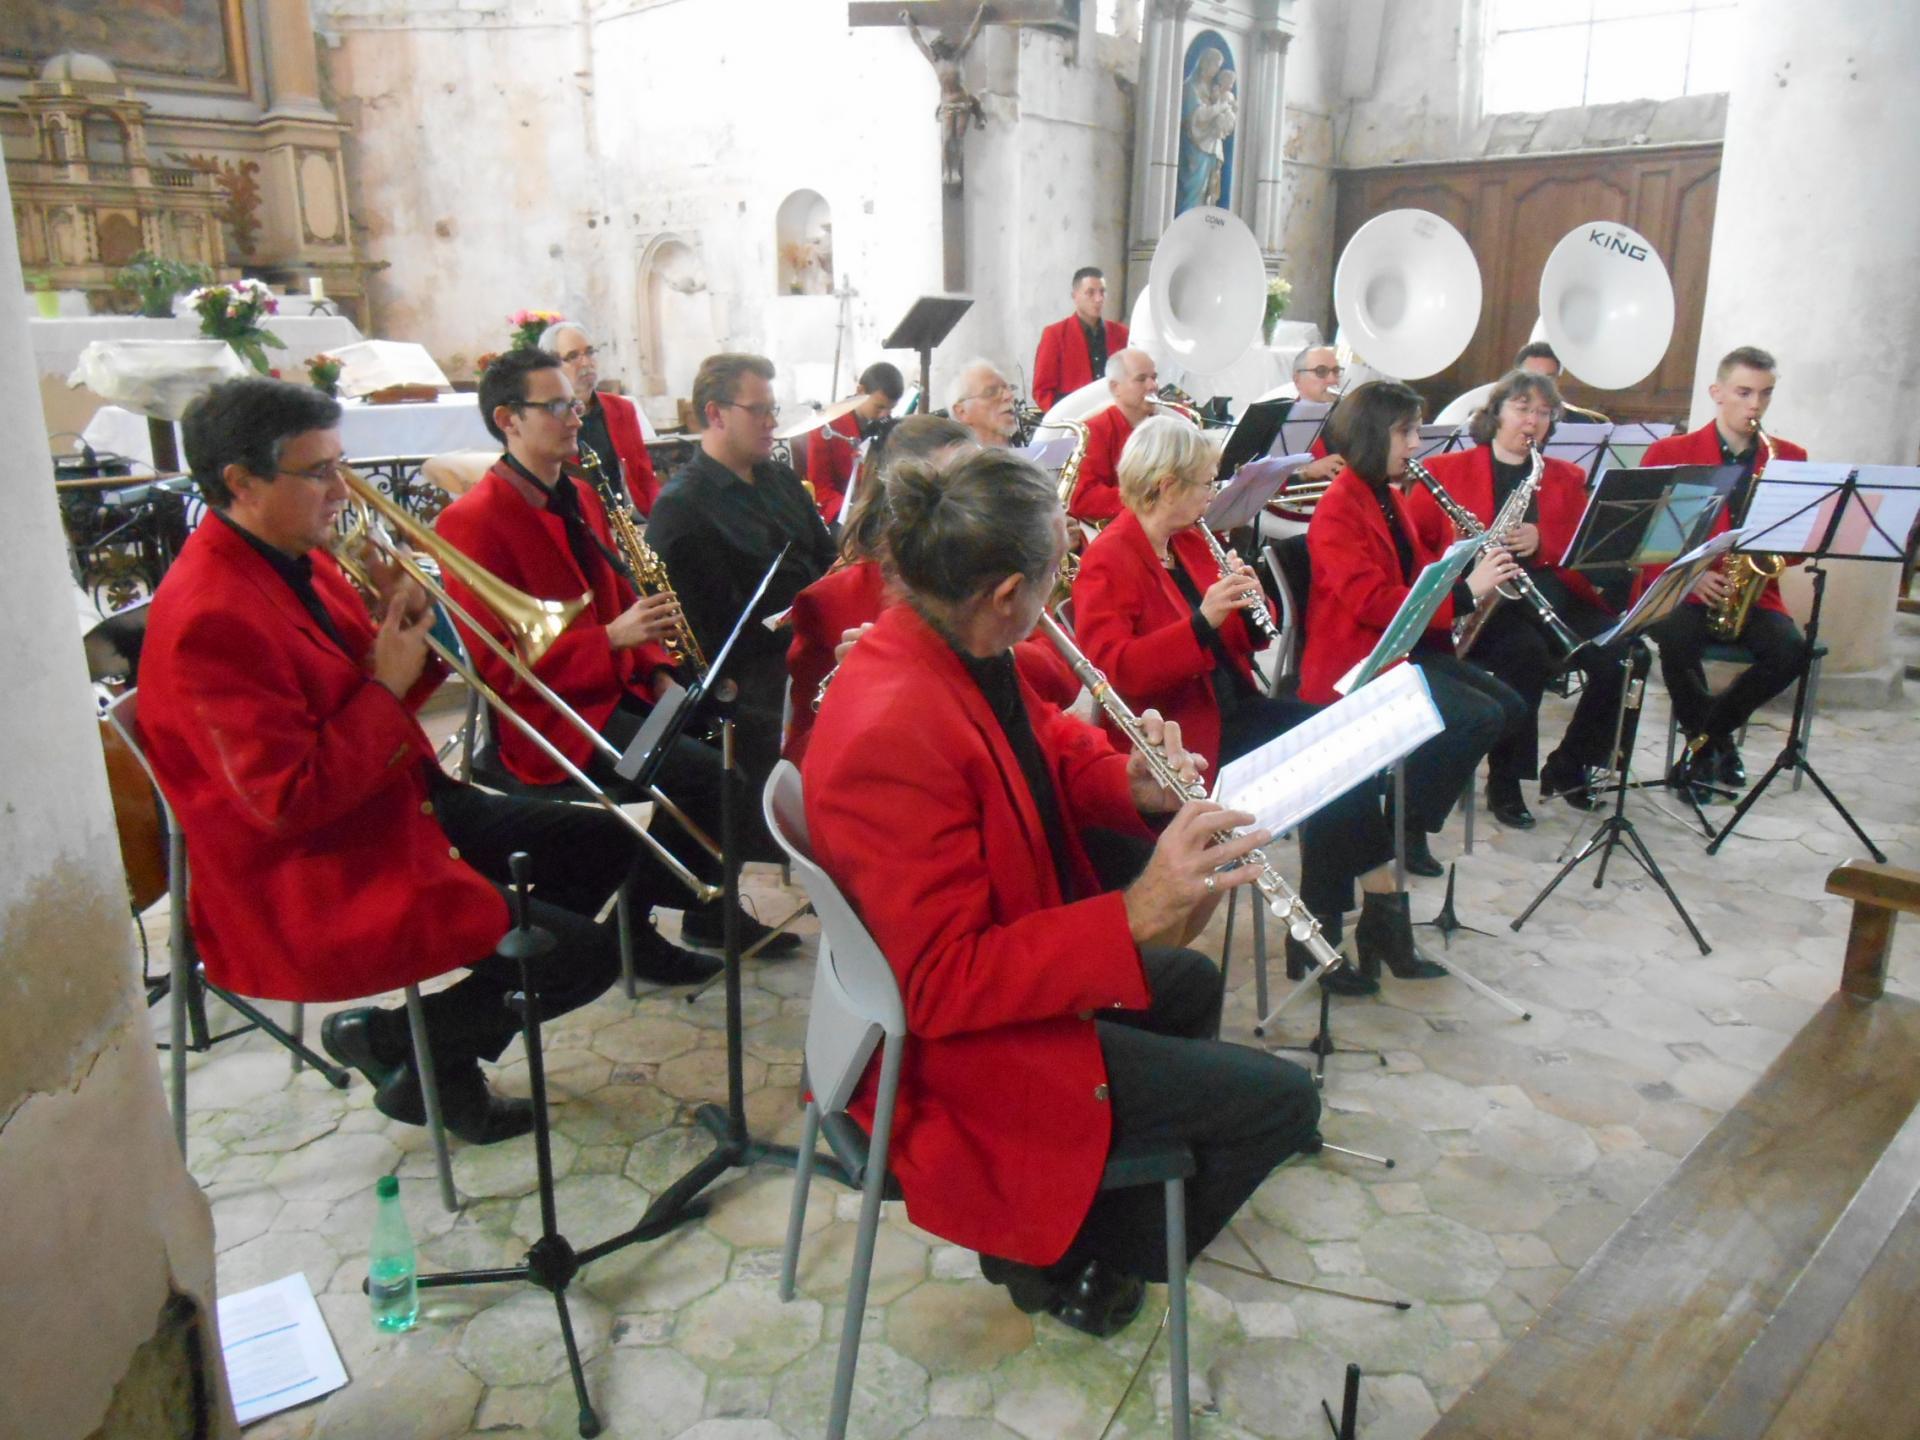 L'Union Musicale du Tardenois